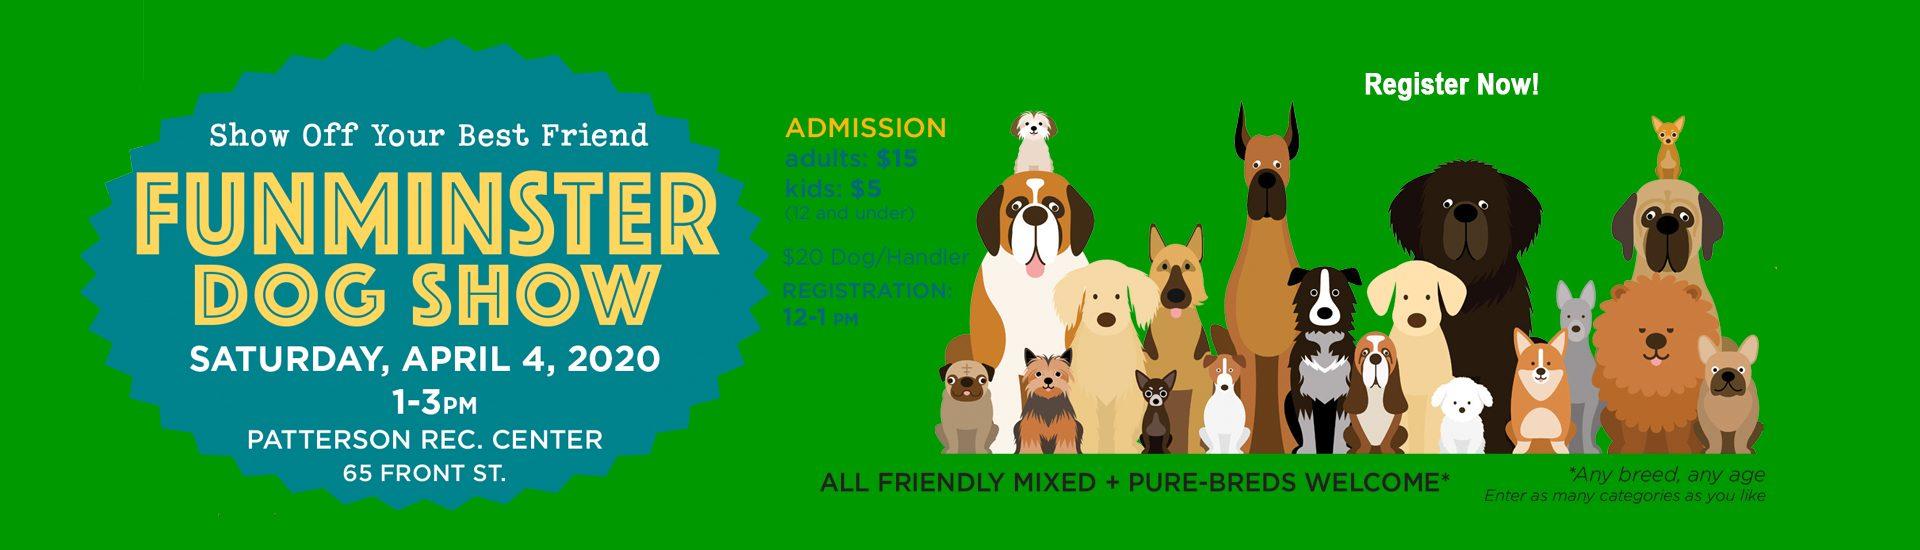 Funminster Dog Event